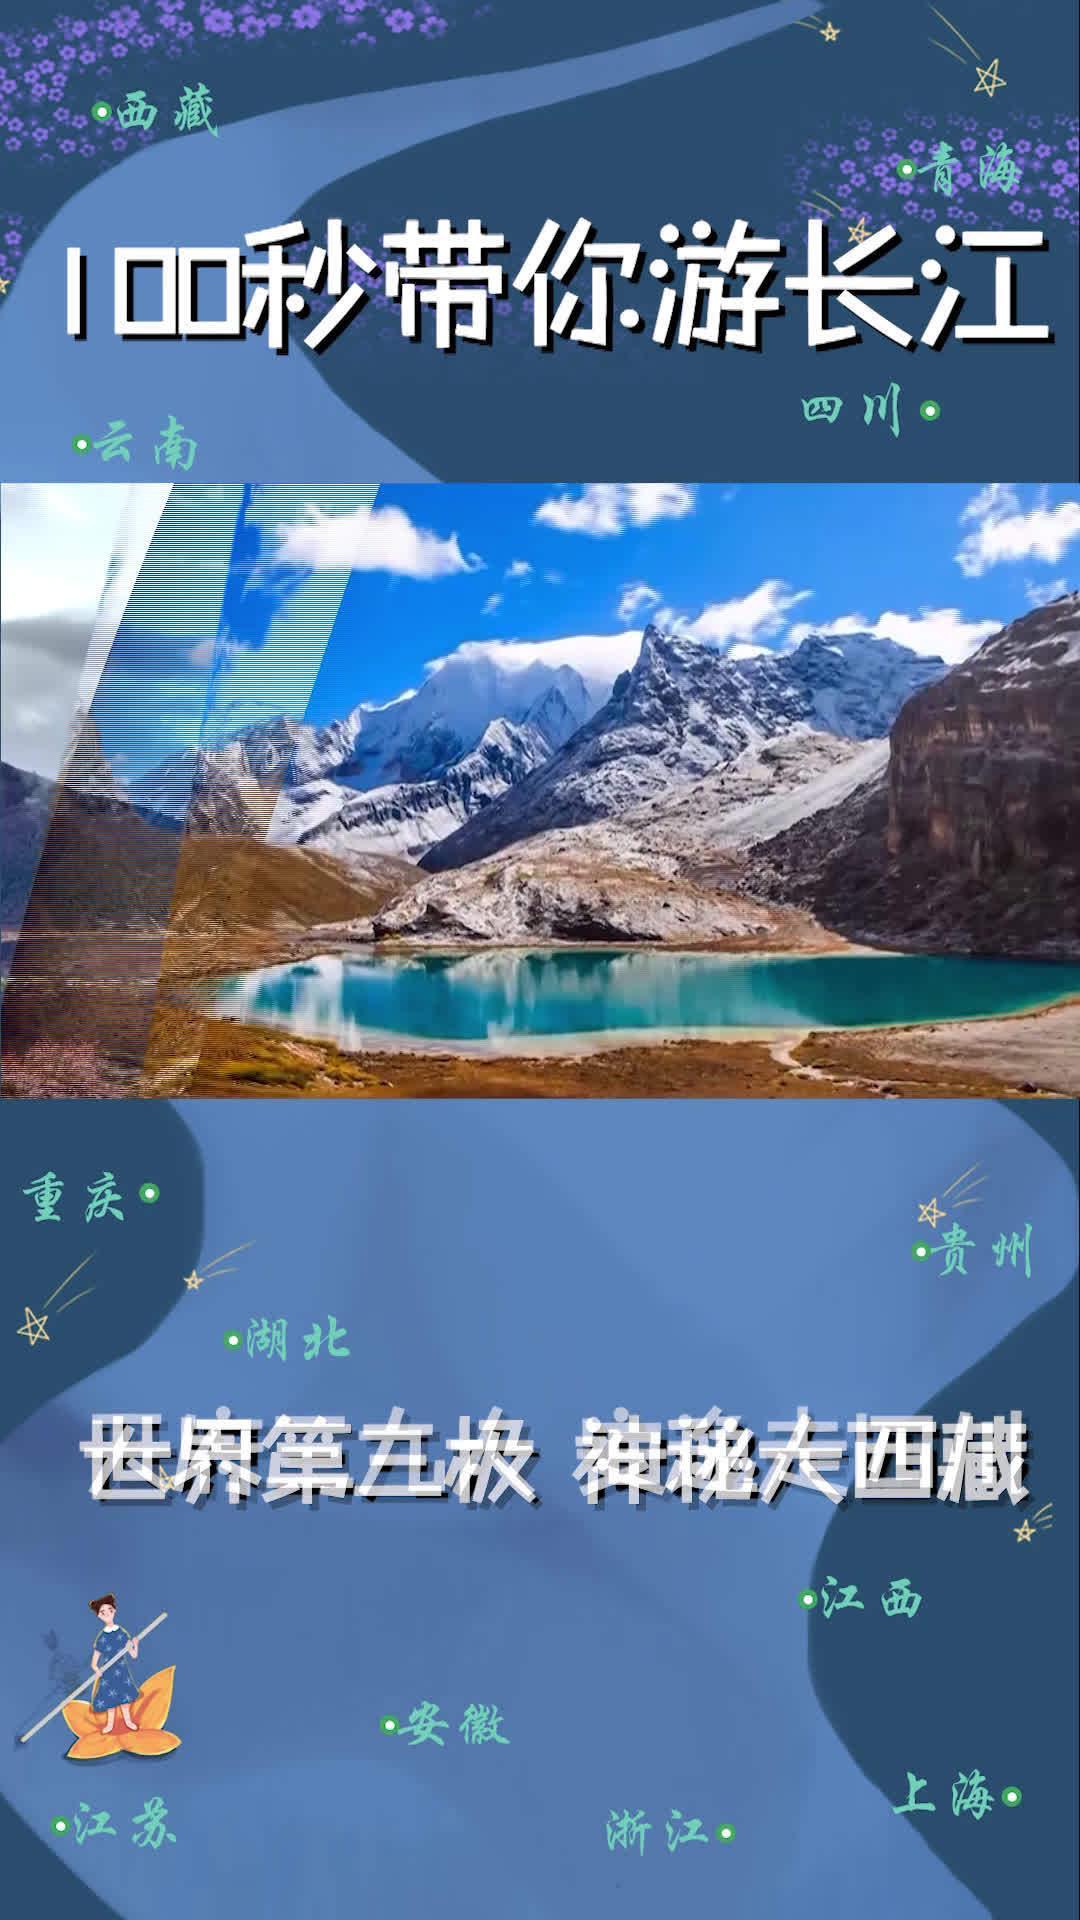 江河湖泊辽阔,山海雪原悠远,生活点滴温暖,都值得你继续前行……